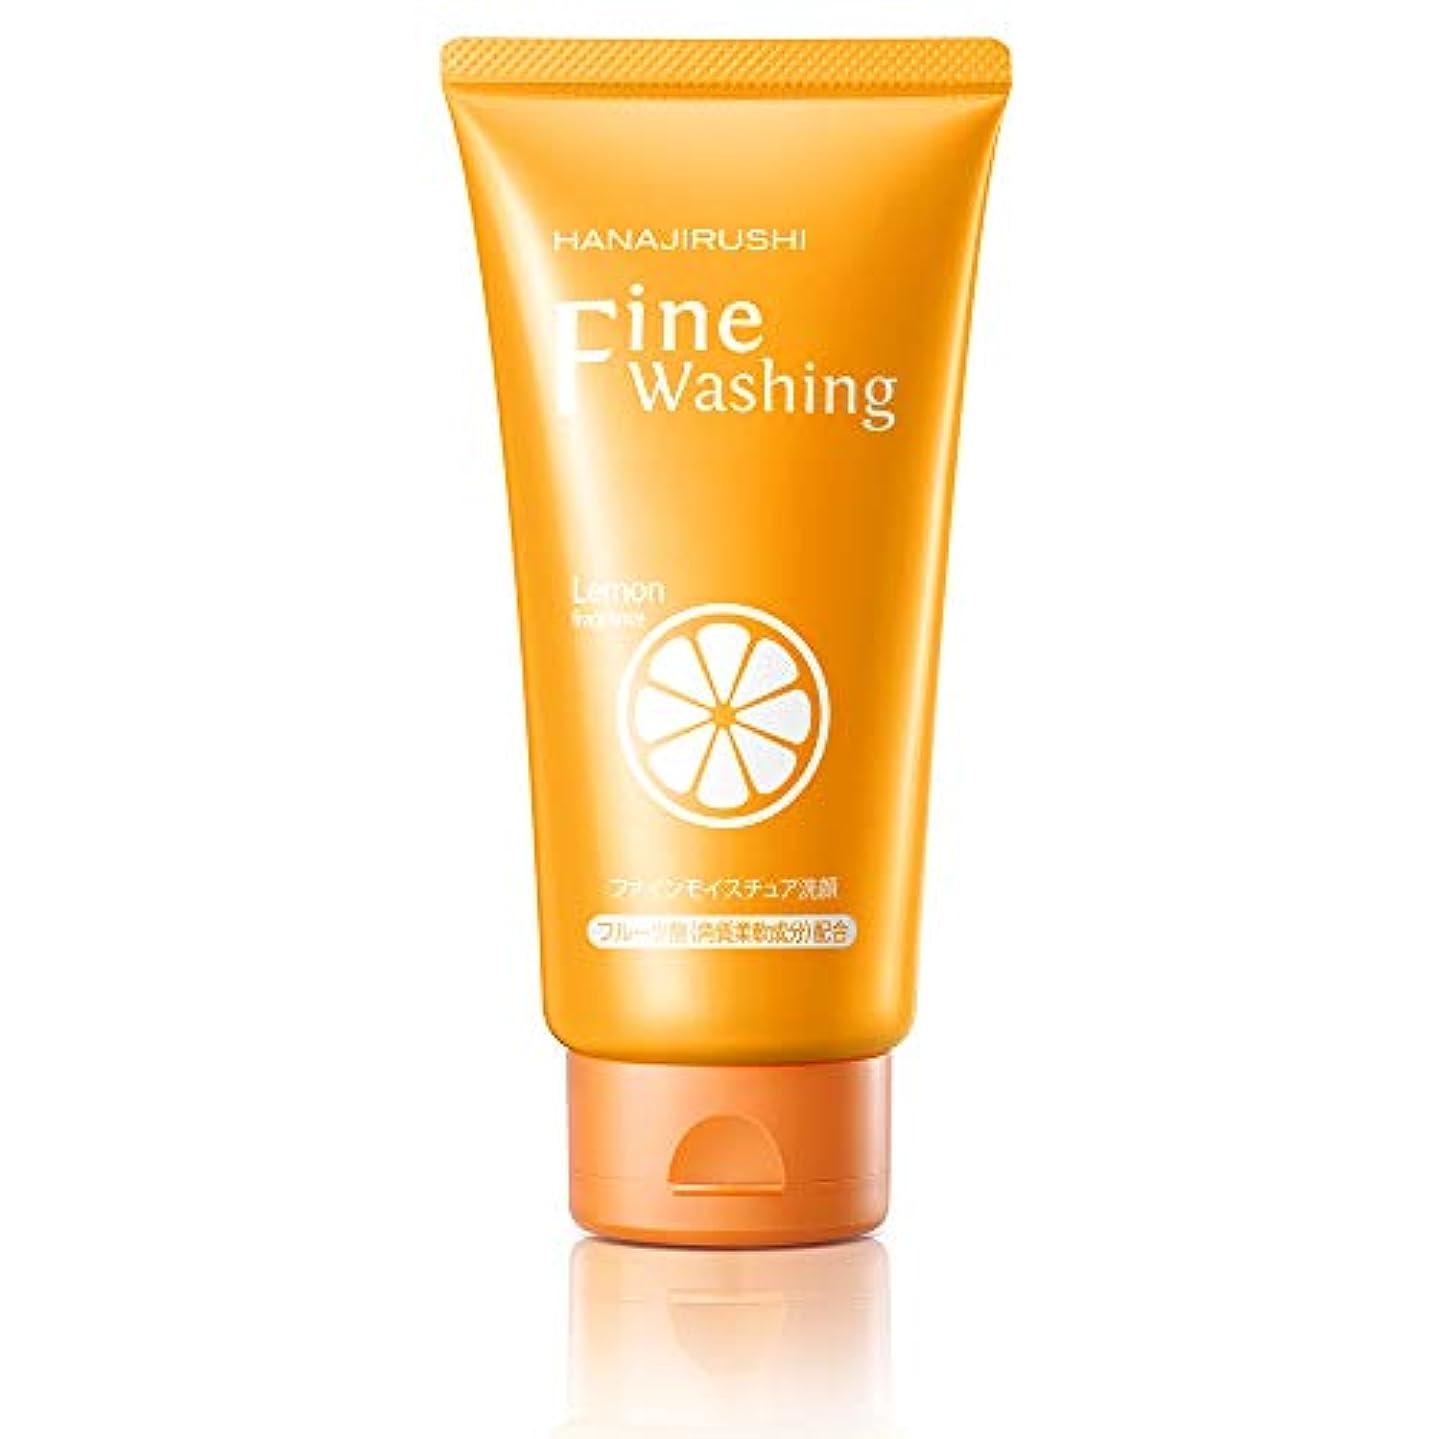 花印ビタミンC誘導体配合ホワイト洗顔フォーム120g シミ?くすみ対策